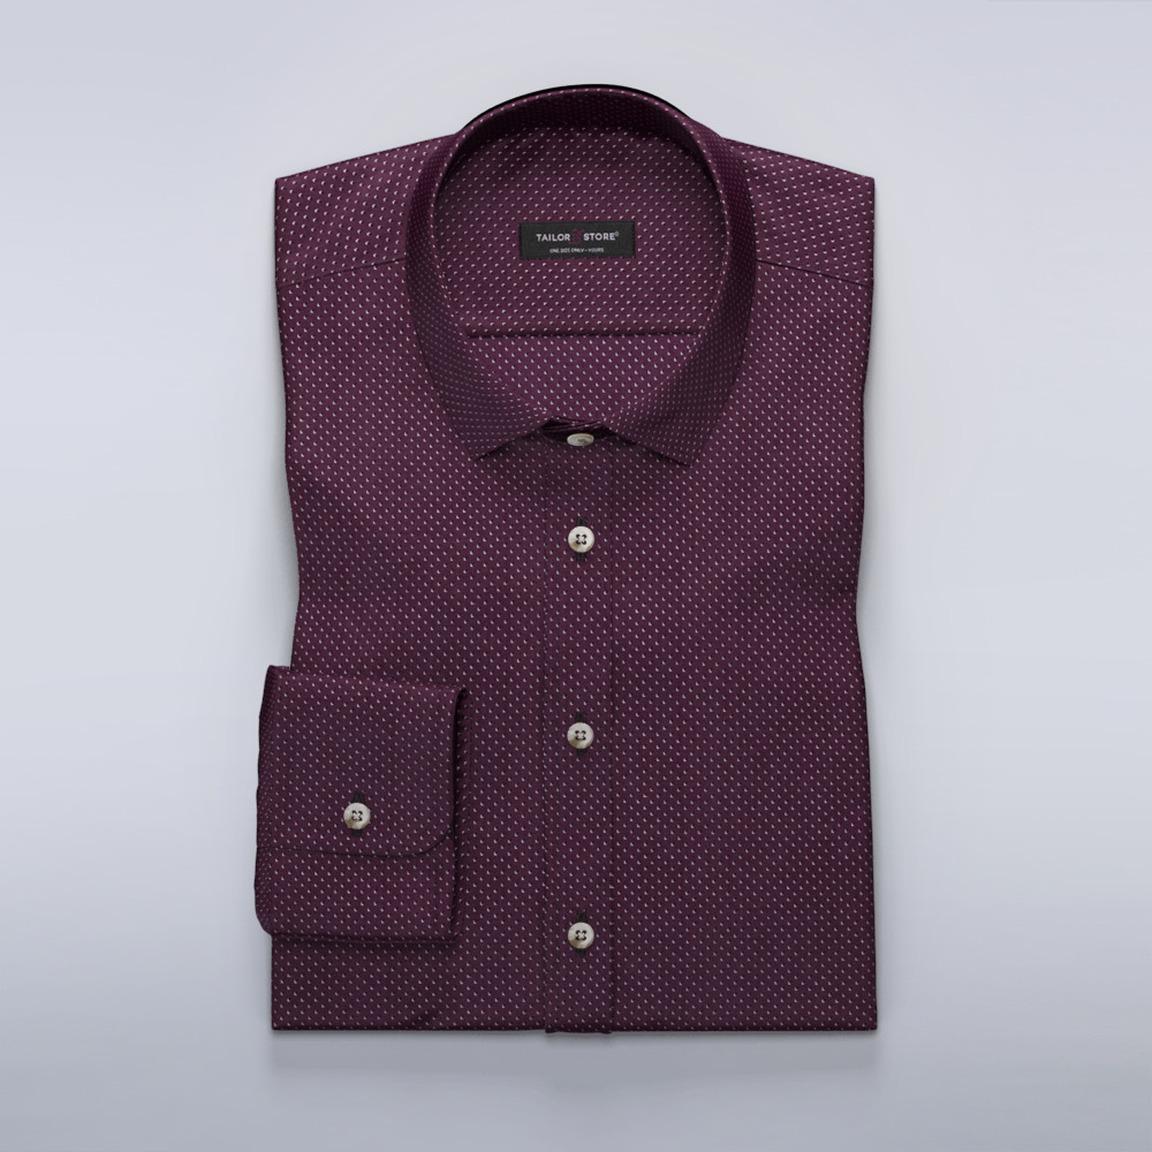 Vinröd skjorta med mönster